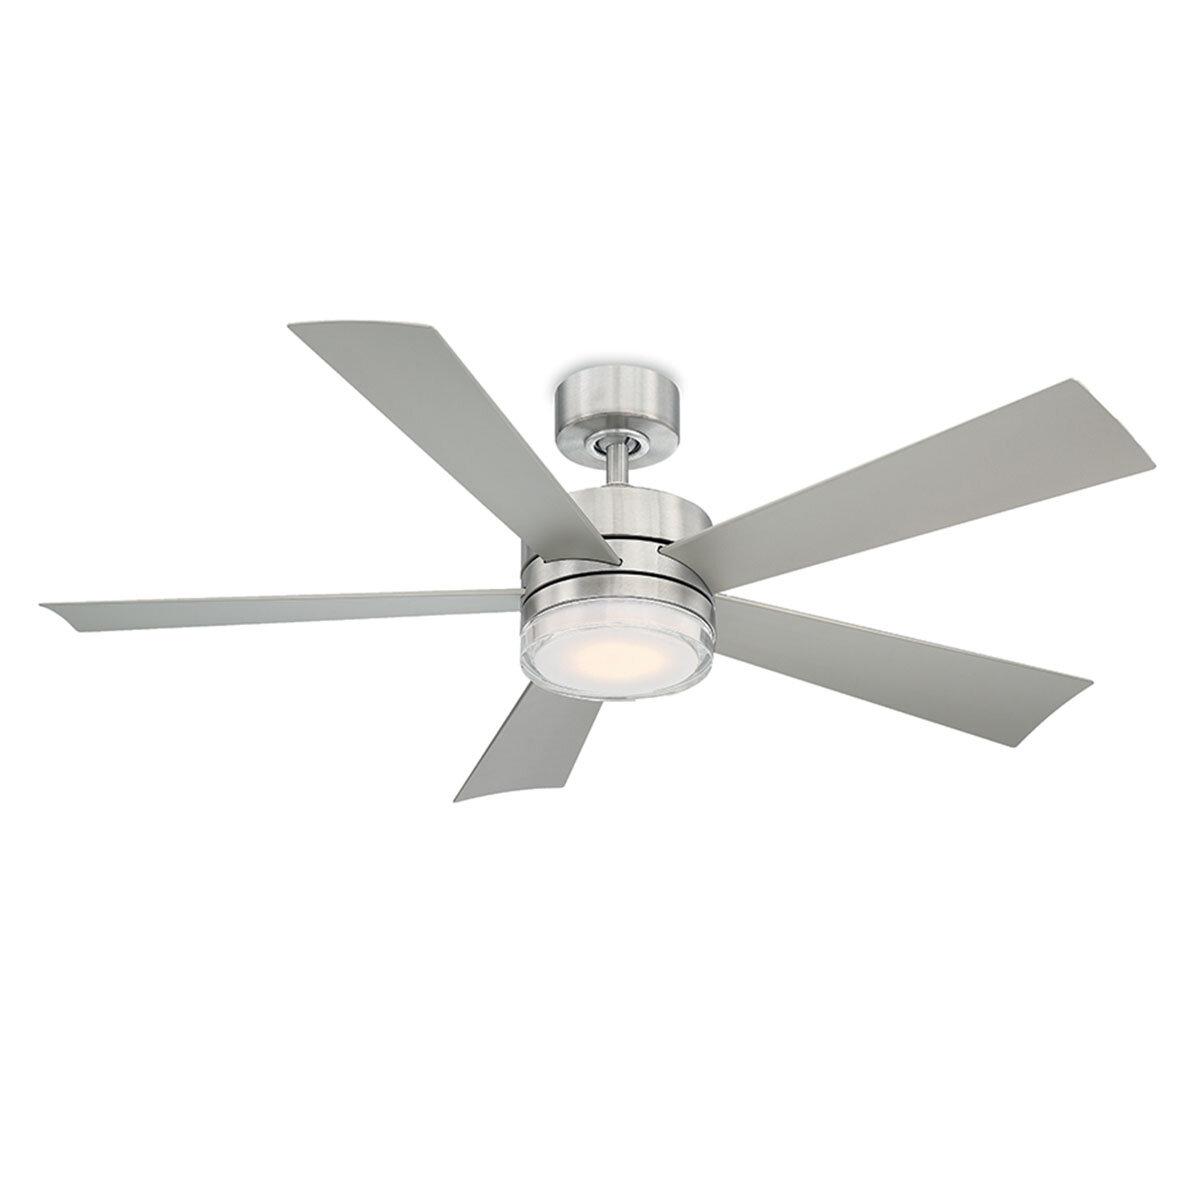 Wynd Stainless Steel Fan w/LED Light Kit